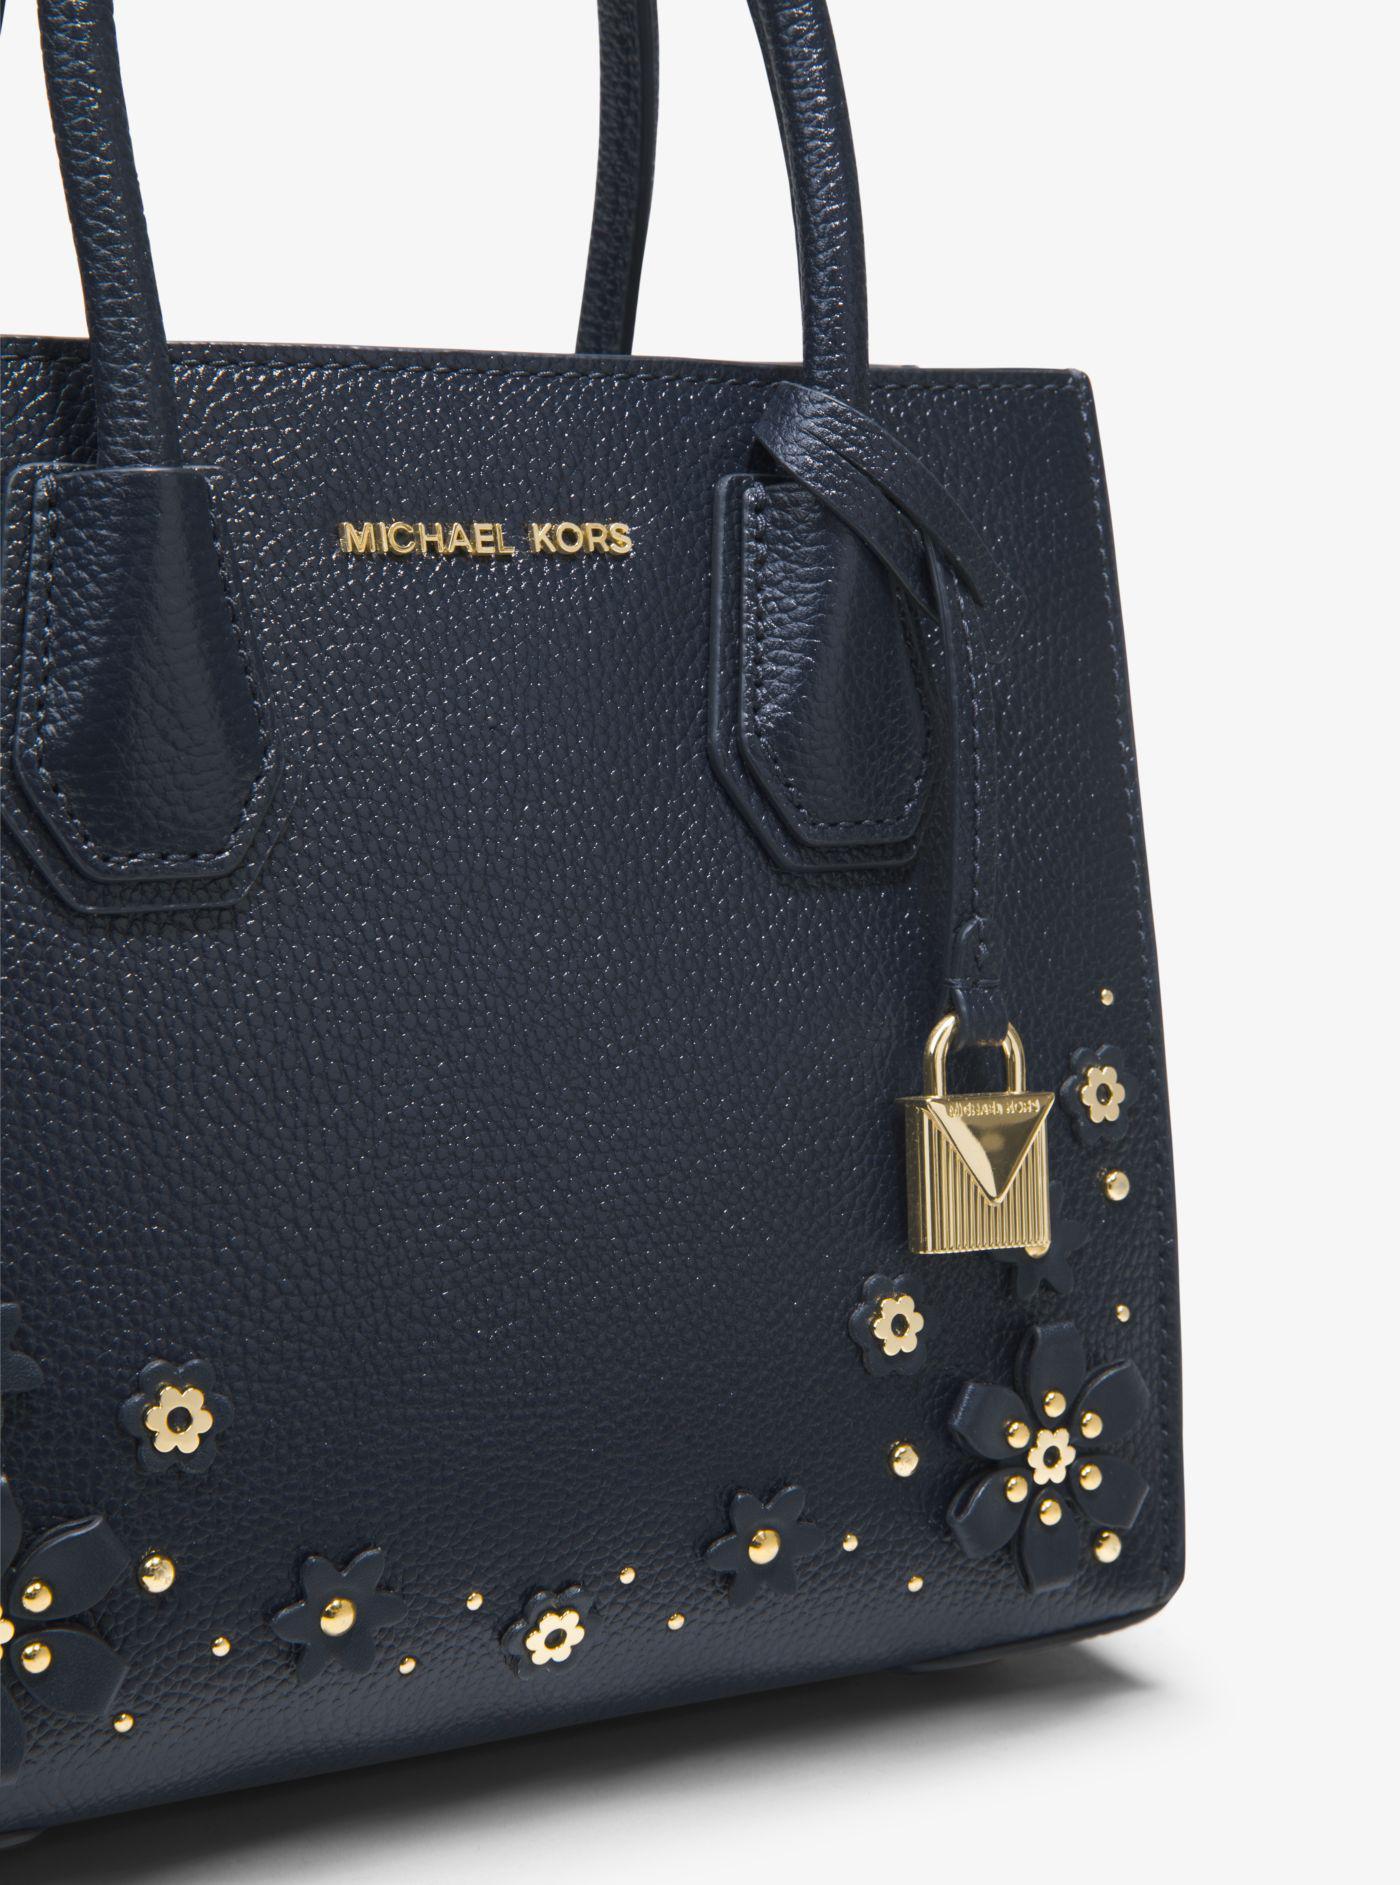 f6db6567af363d Michael Kors Mercer Floral Embellished Leather Crossbody Bag - Lyst